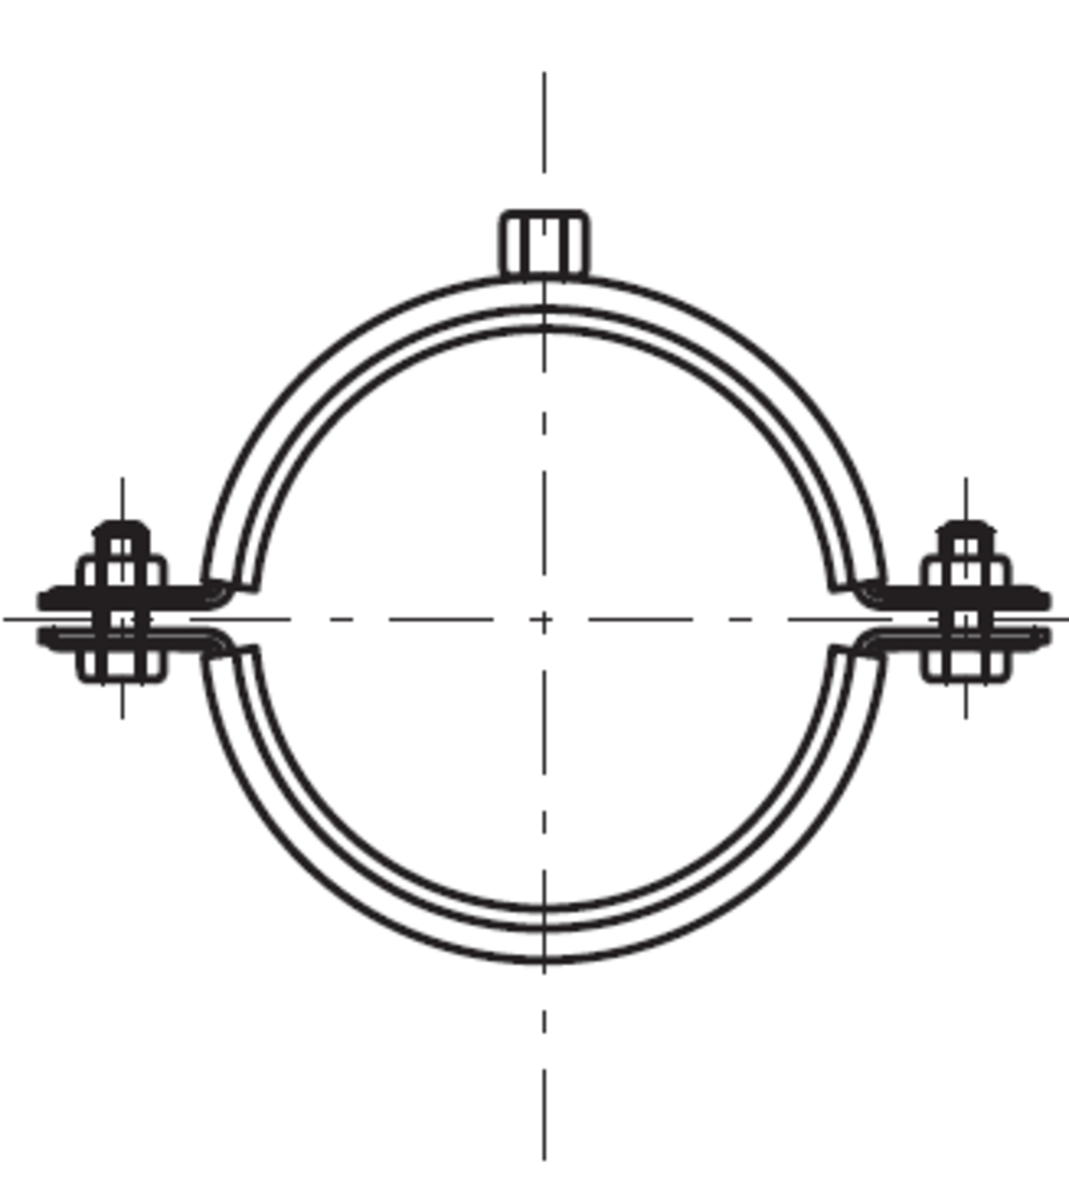 Esquema técnico general do suporte para fixação da tubagem PIPE, realizada em aço inoxidável.